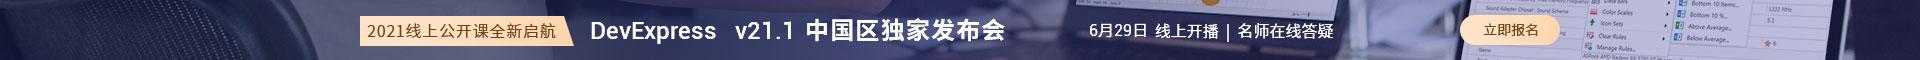 DevExpress v21.1中国区独家发布会火热报名中